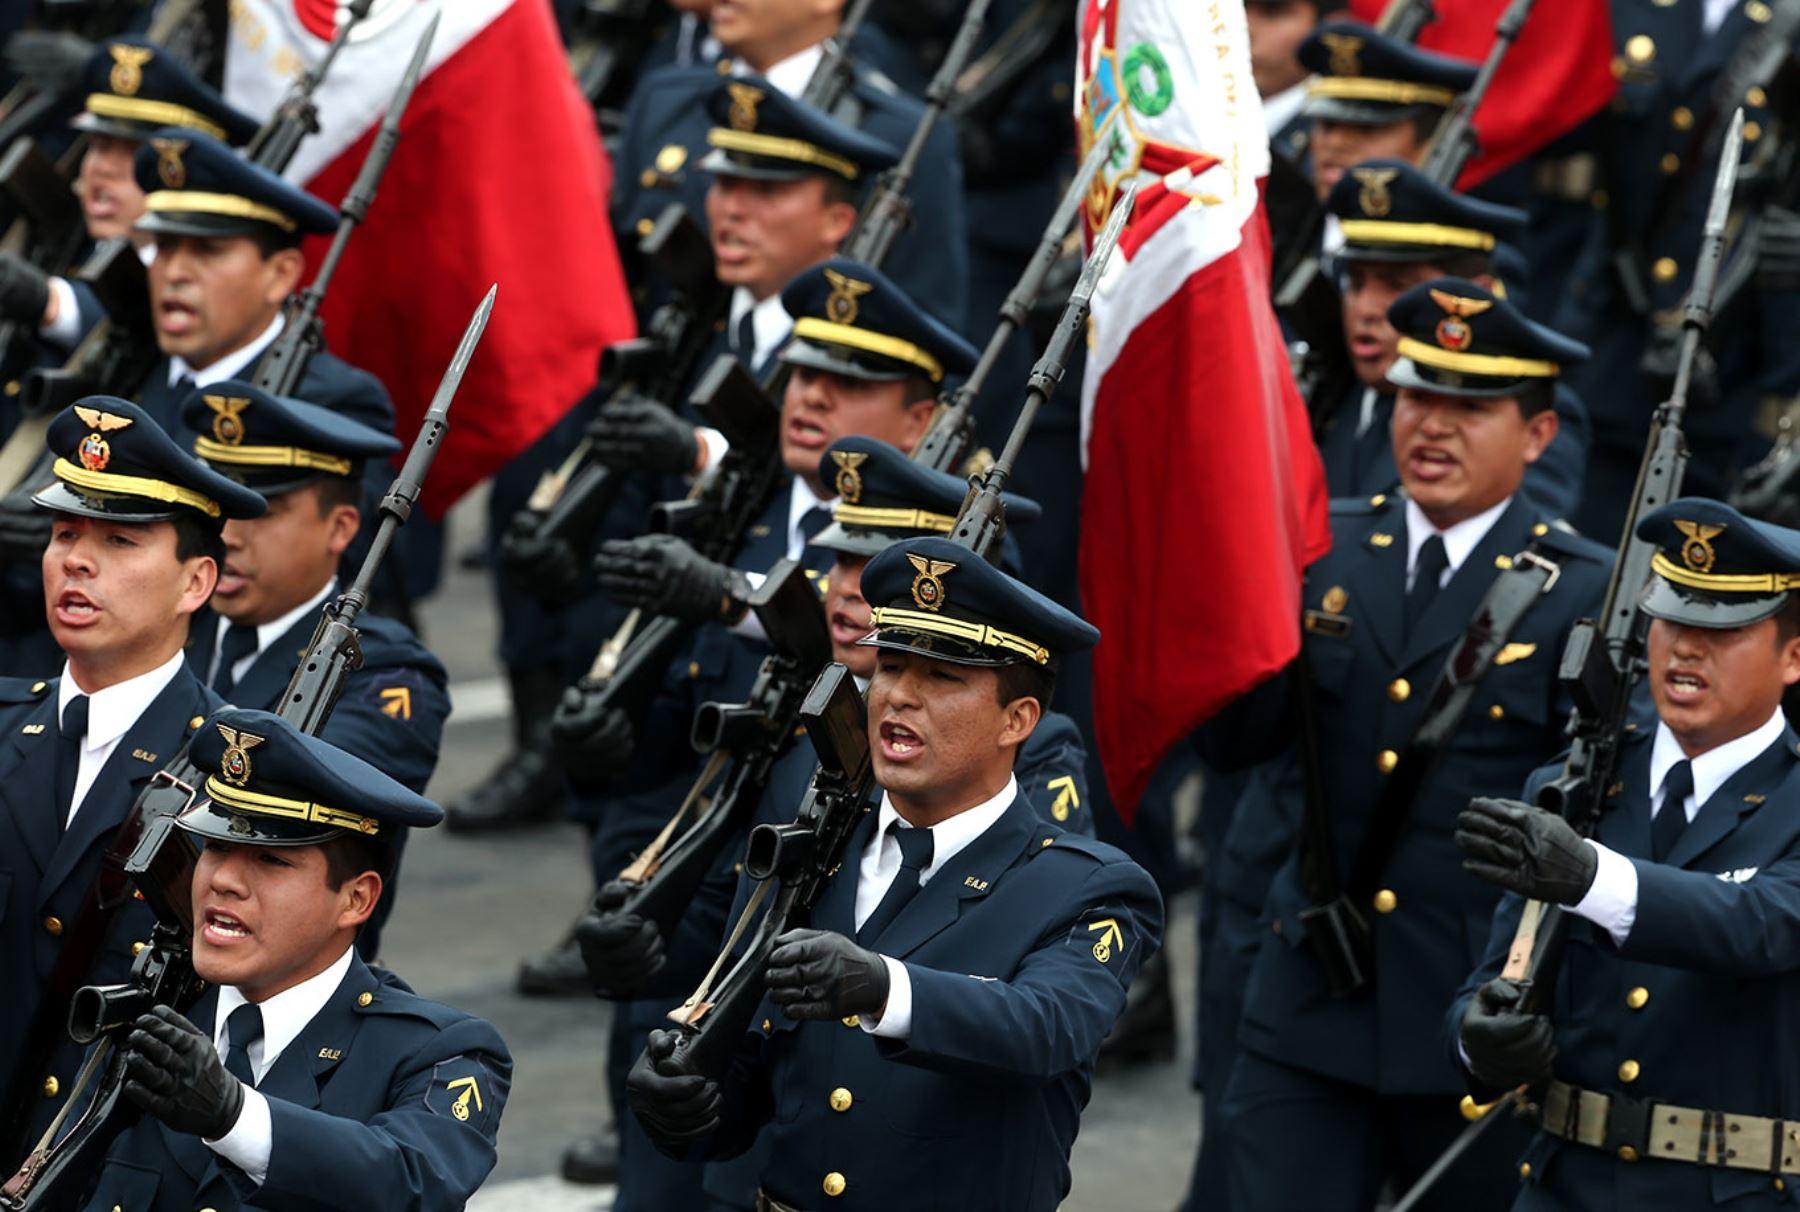 Poder Ejecutivo publica lista de ascensos en las Fuerzas Armadas